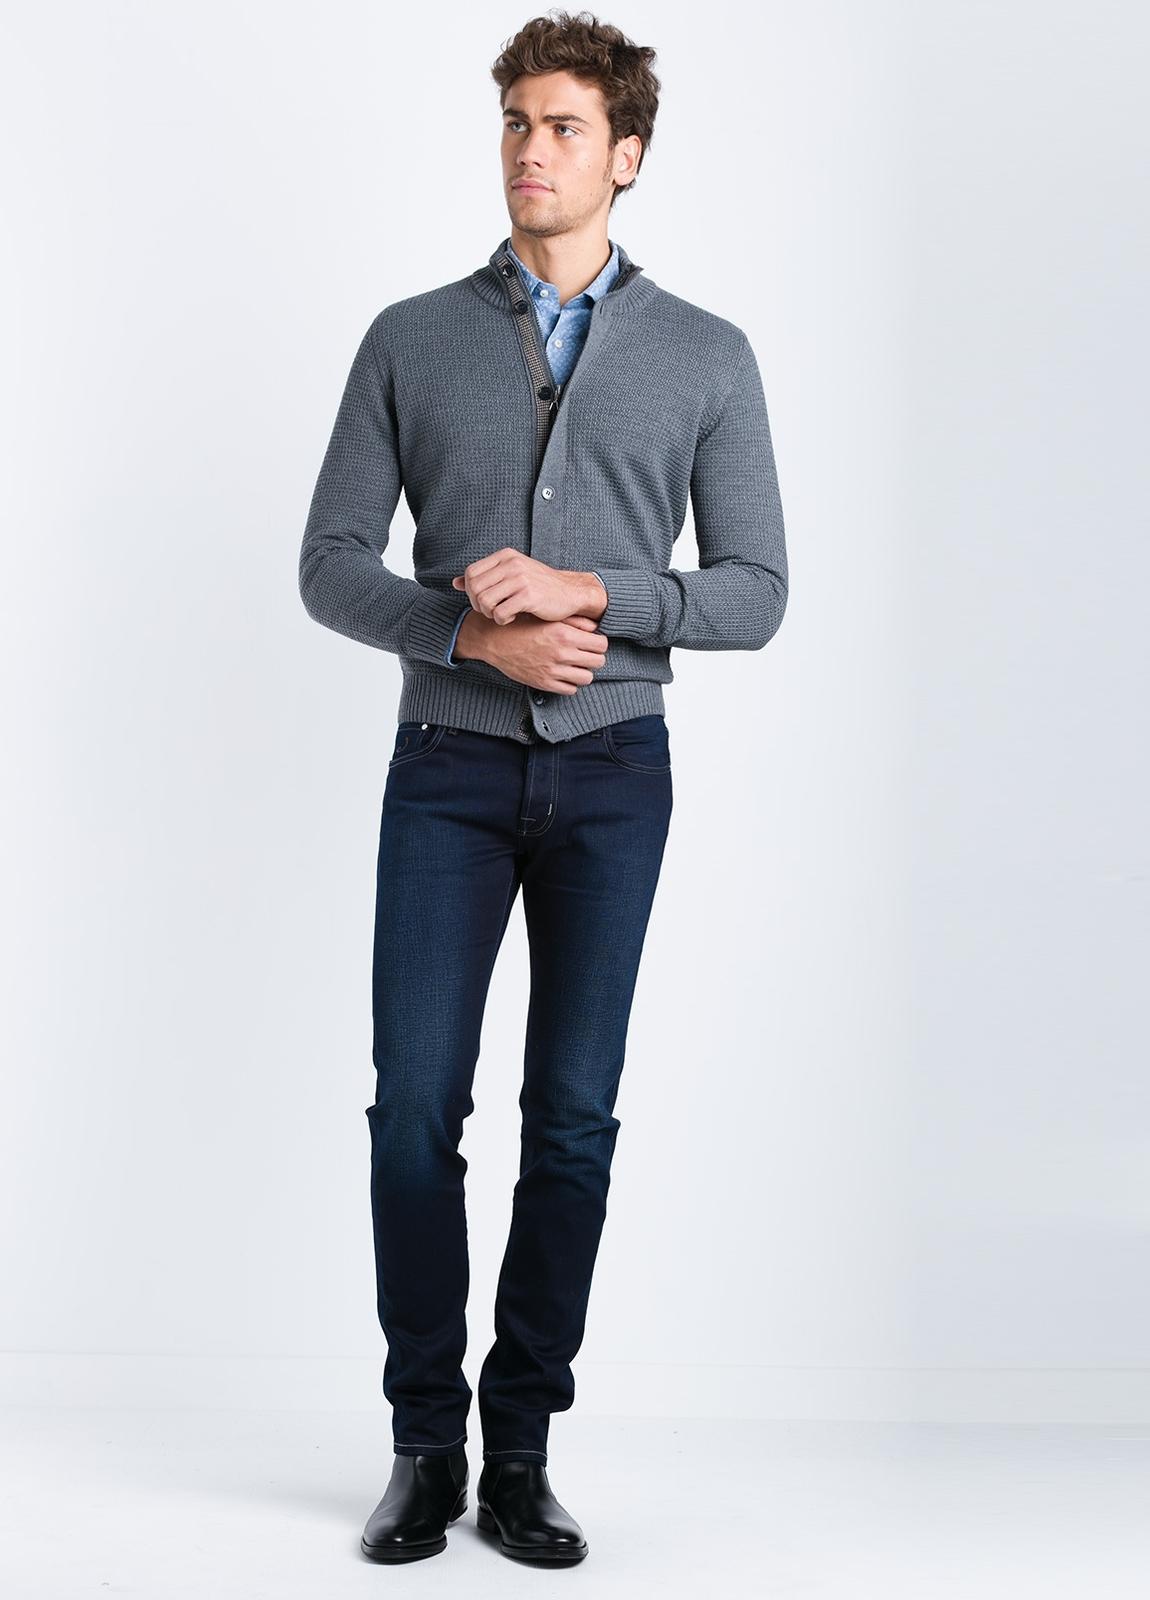 Cárdigan cremallera y botones con tapeta contrastada color gris. - Ítem1